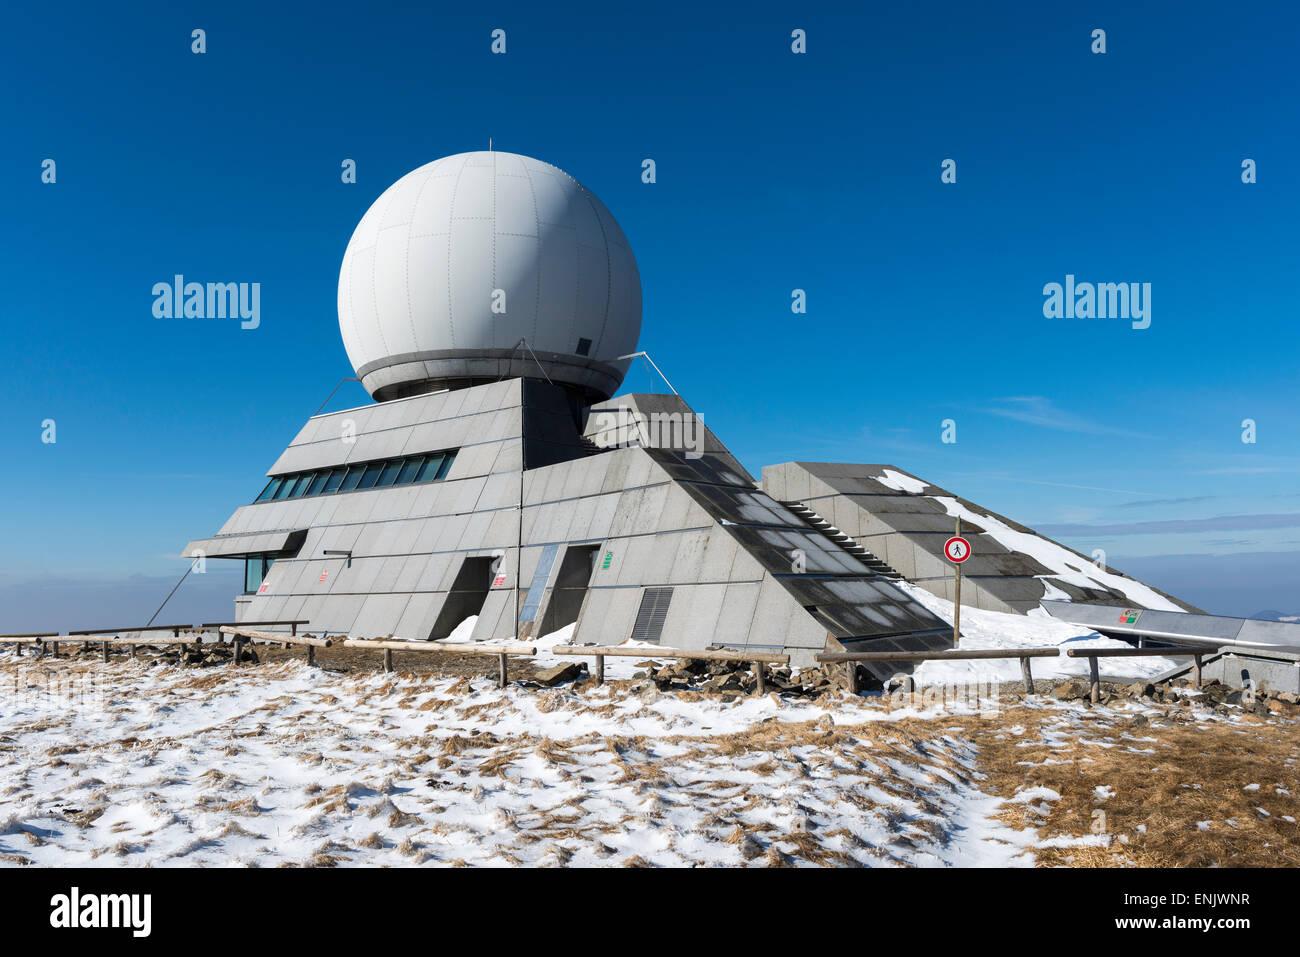 Moderne Radarstation auf dem Grand Ballon, Überwachung der Luftfahrt seit 1998, mit einer Aussichtsplattform, Stockbild